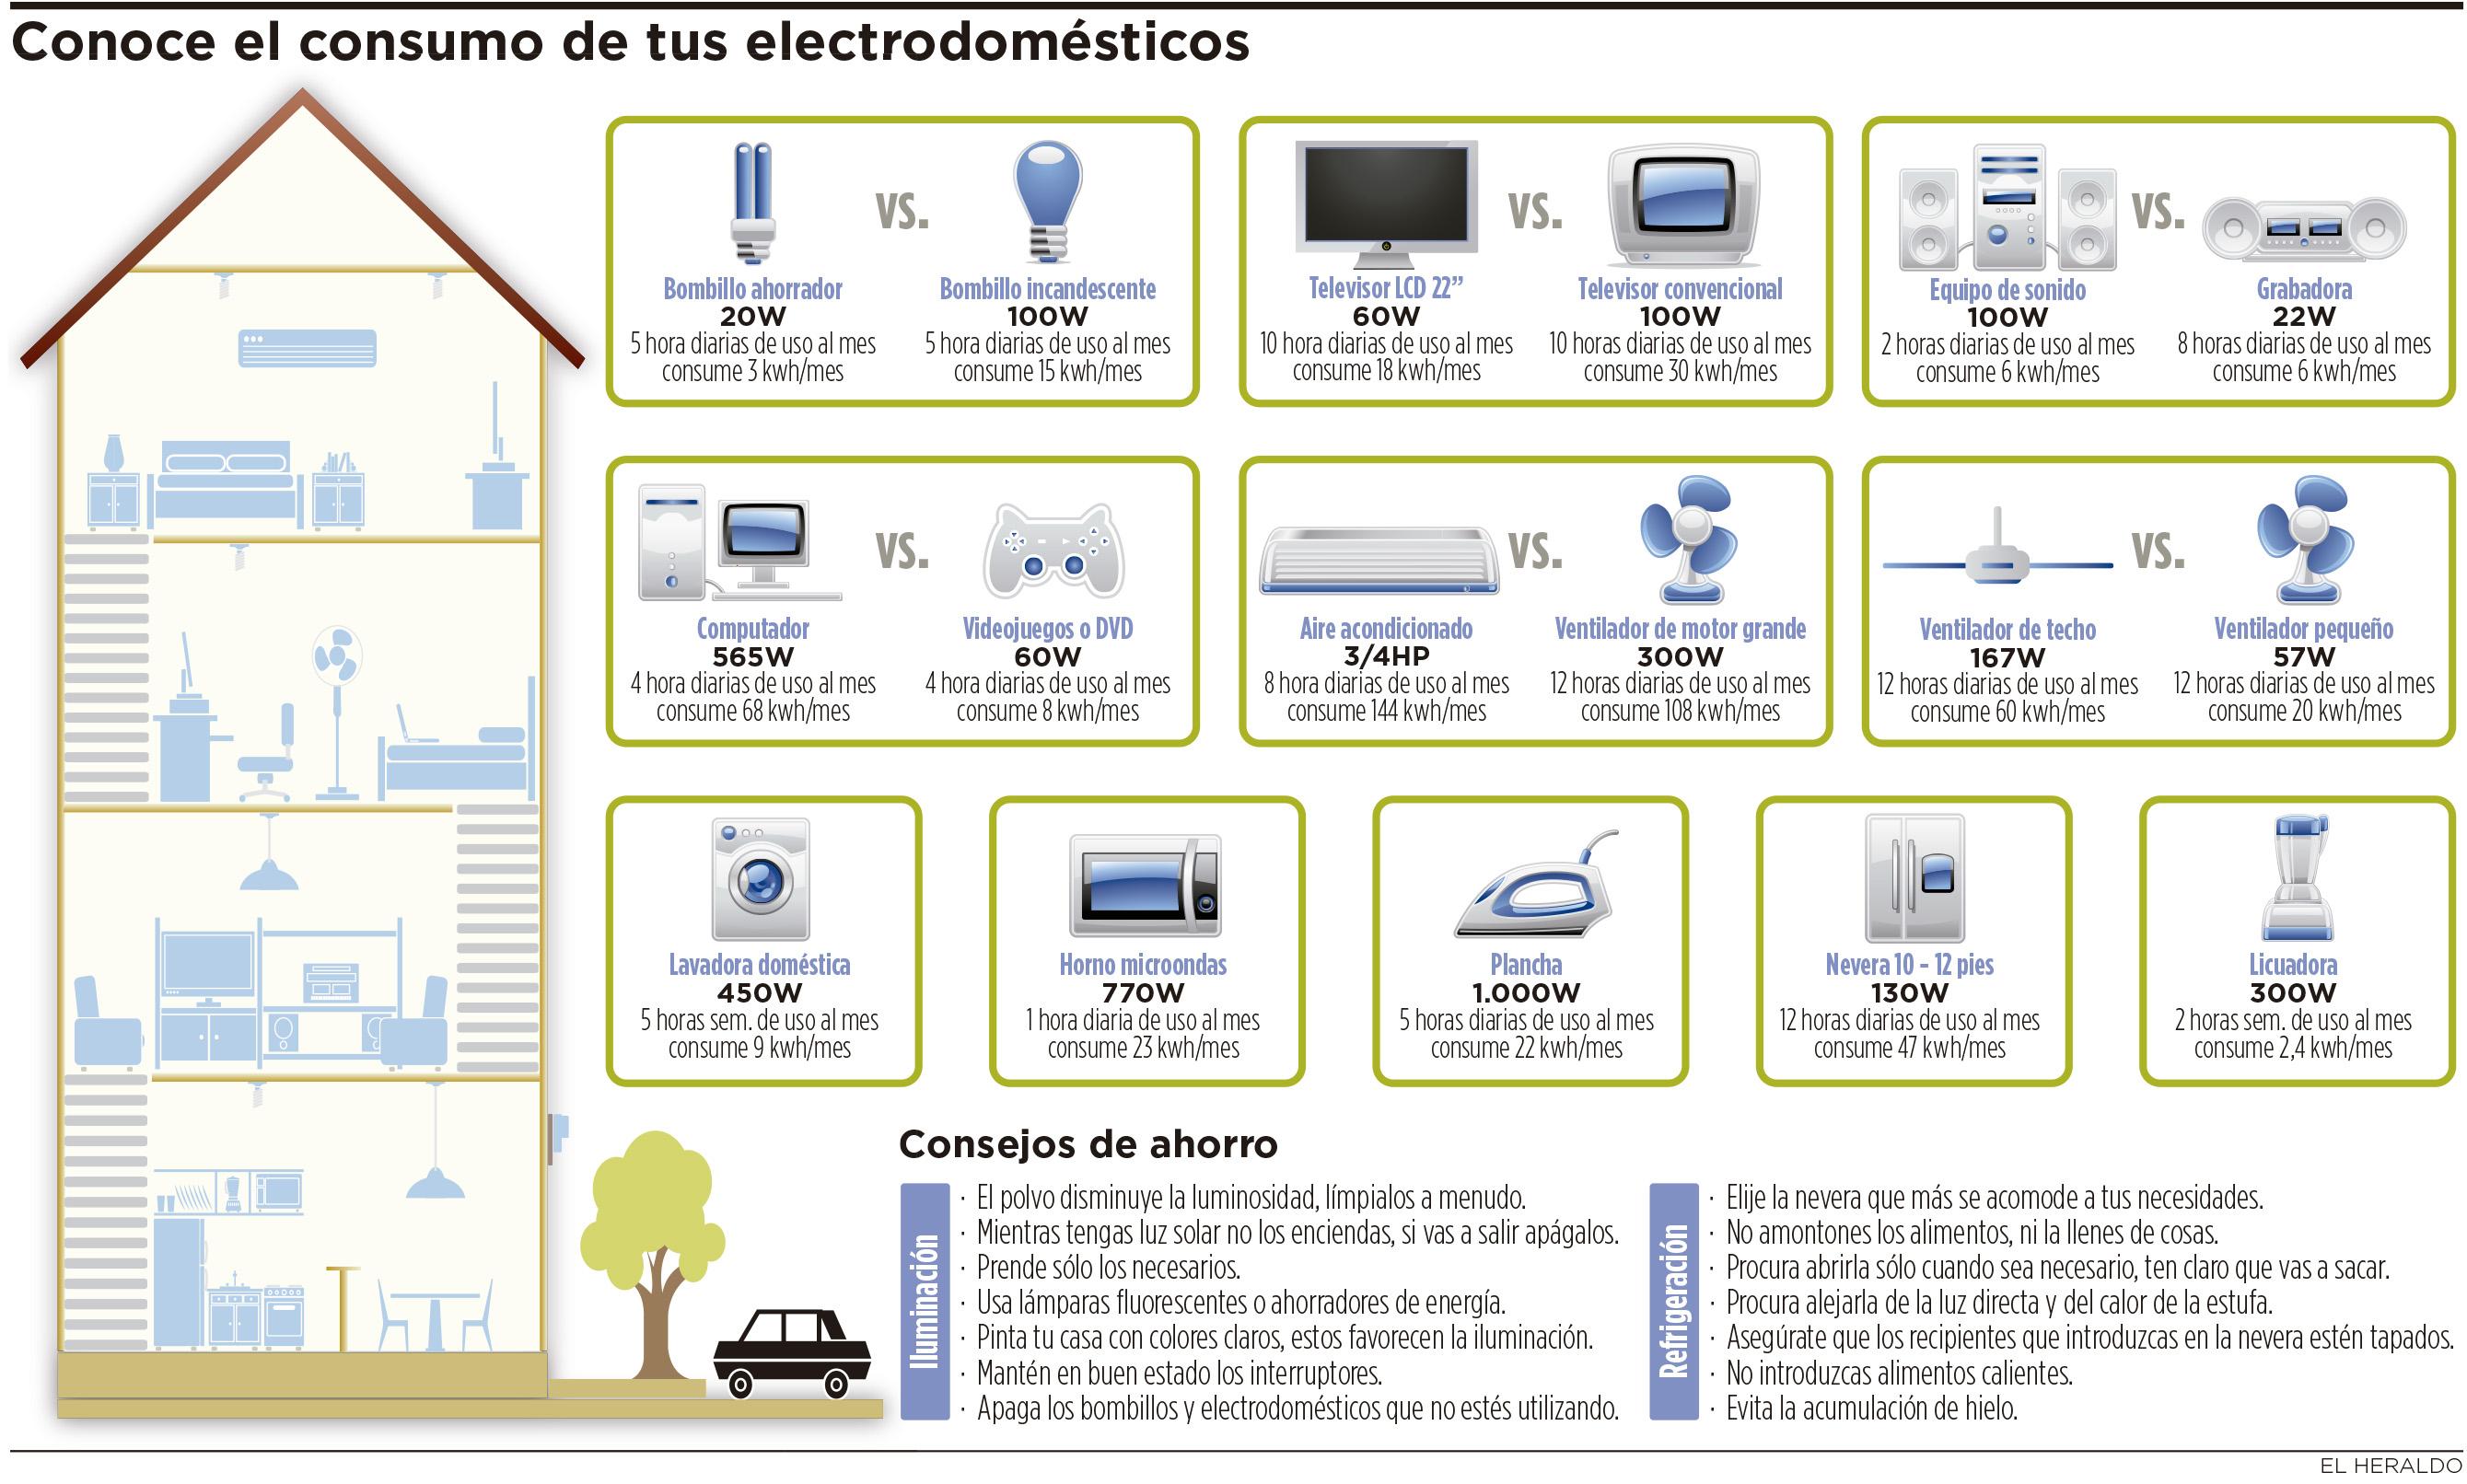 Cu nto consumen los electrodom sticos de su casa al mes - Casas de electrodomesticos ...